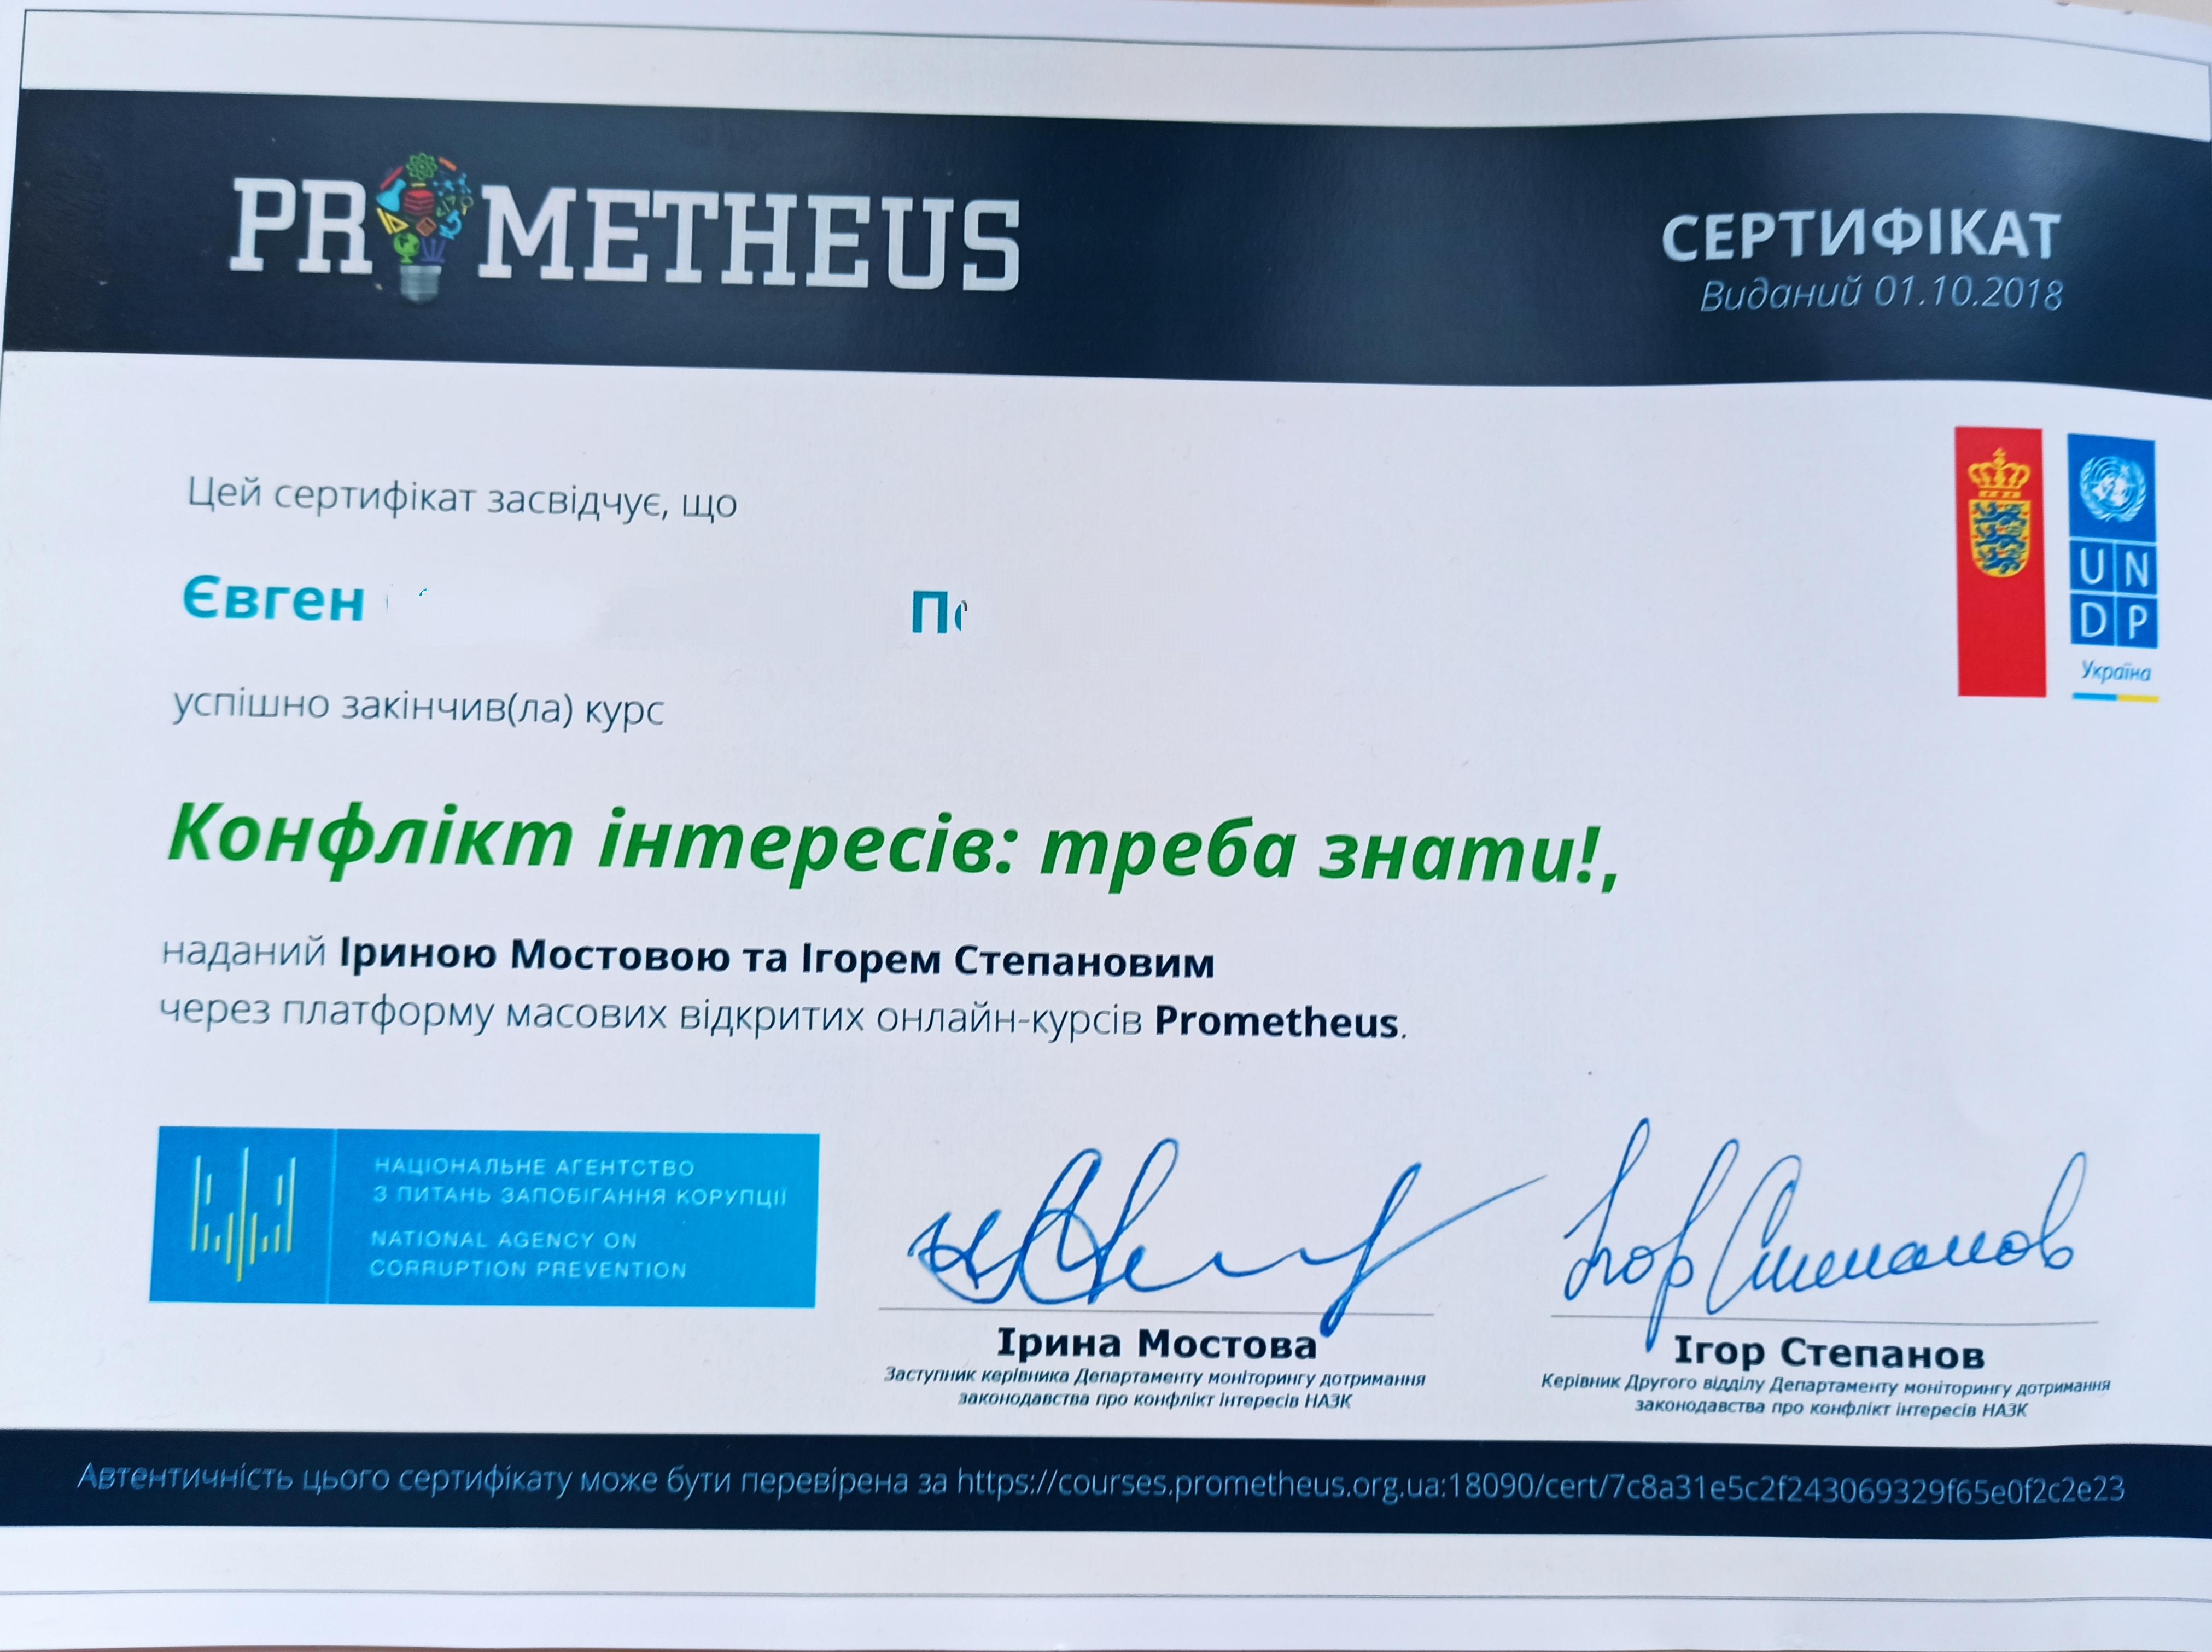 Фото Сертификат о прохождении курса по преодолению конфликта интересов в сфере государственного управления